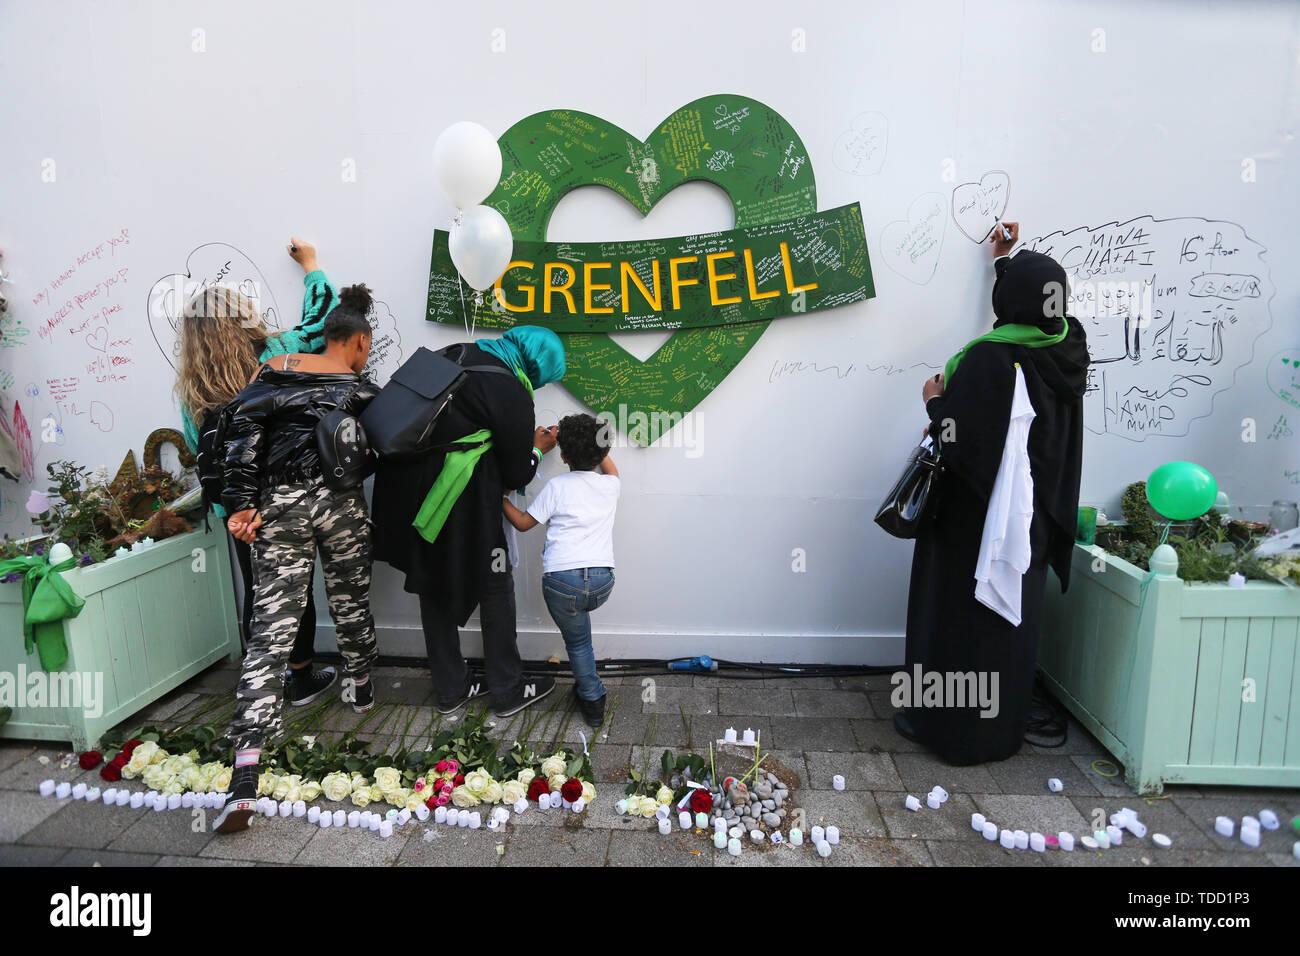 Familie und Freunde der 72 Menschen, die ihr Leben in der Grenfell Hochhaus verloren Nachrichten, die während einer Kranzniederlegung Zeremonie ausserhalb Grenfell Tower, London, anlässlich des 2-jährigen Jubiläum schreiben. Stockbild